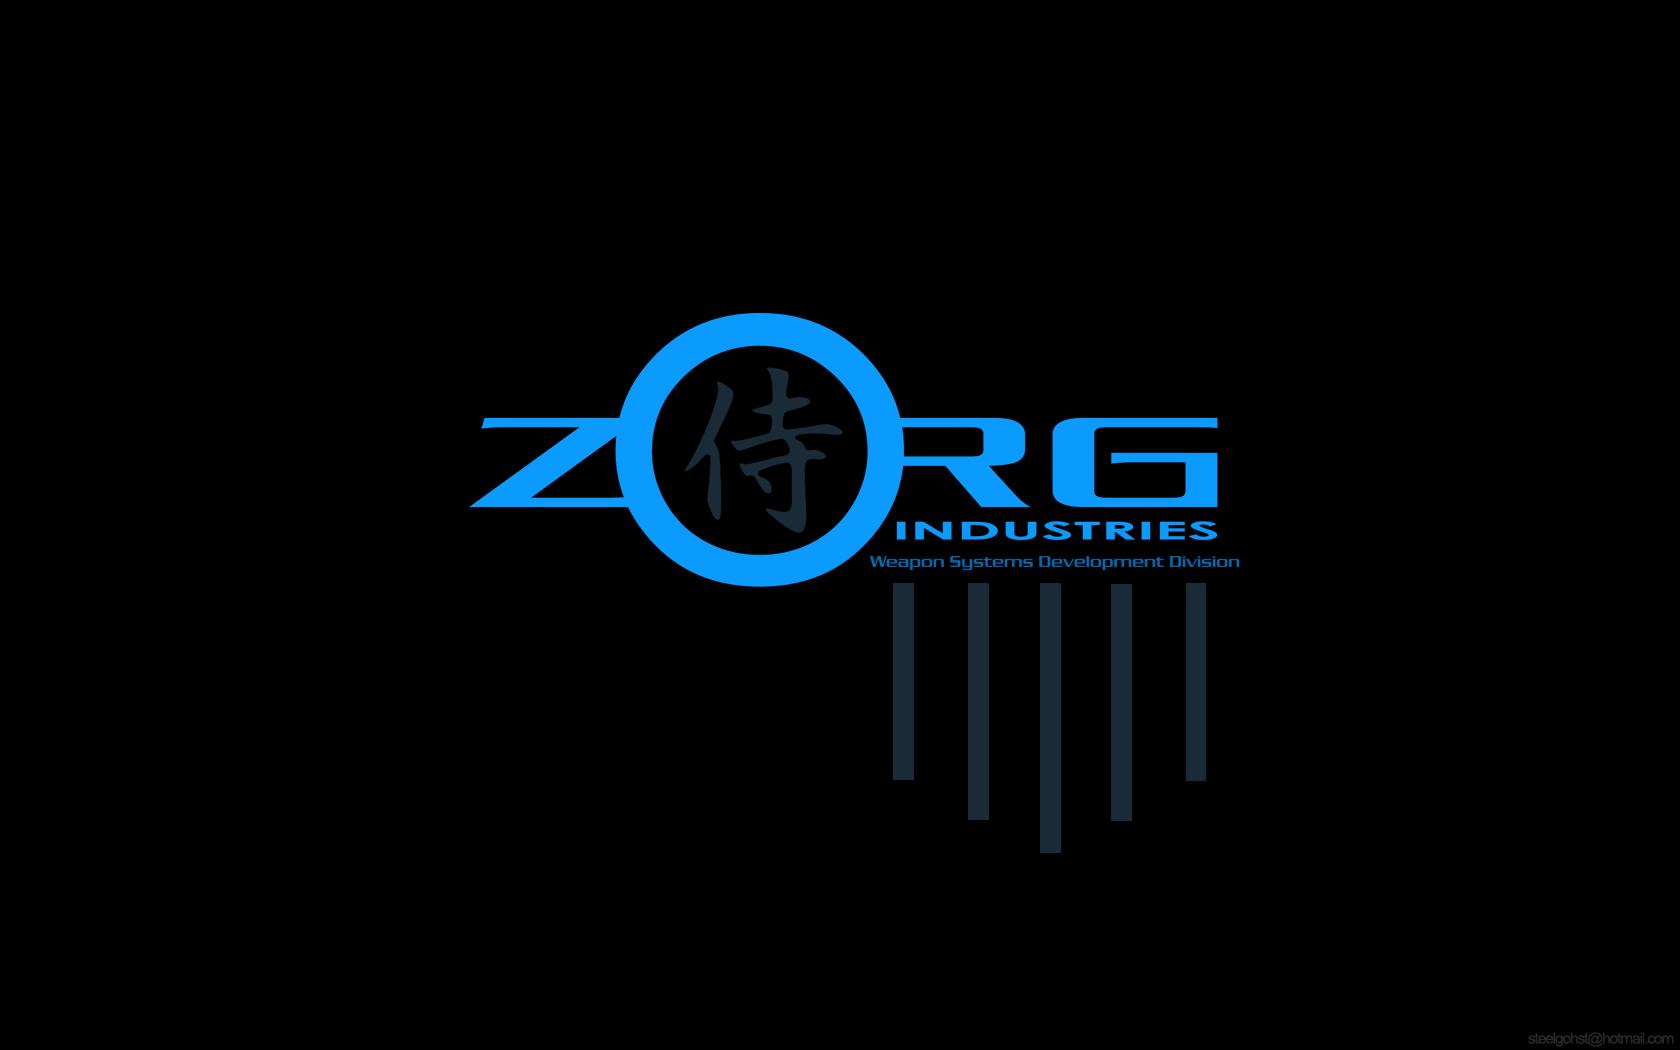 zorg industries by steelgohst on deviantart